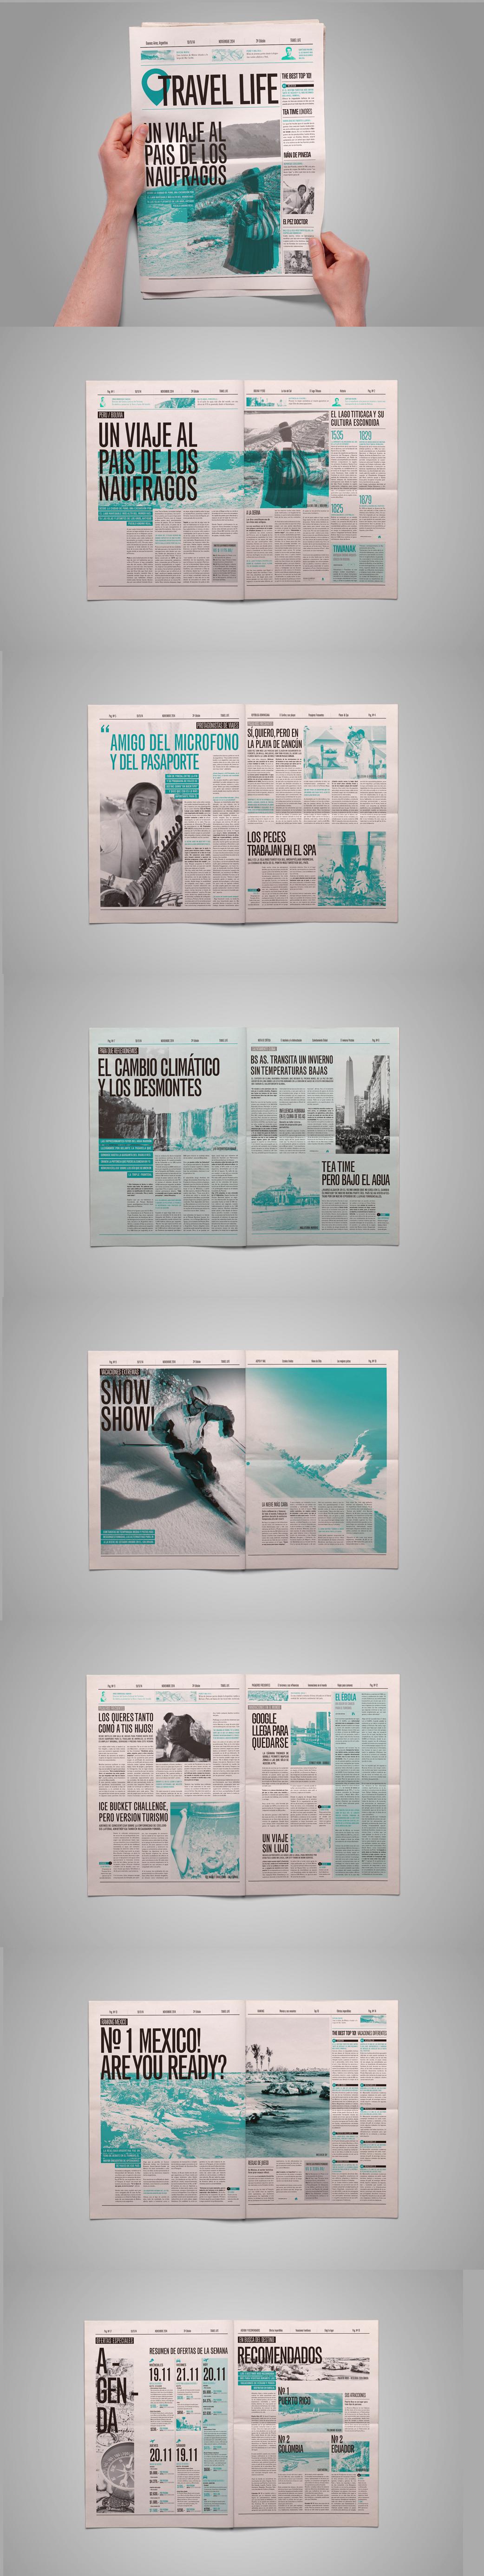 Dise o editorial diario on behance pinteres for Diseno editorial pdf